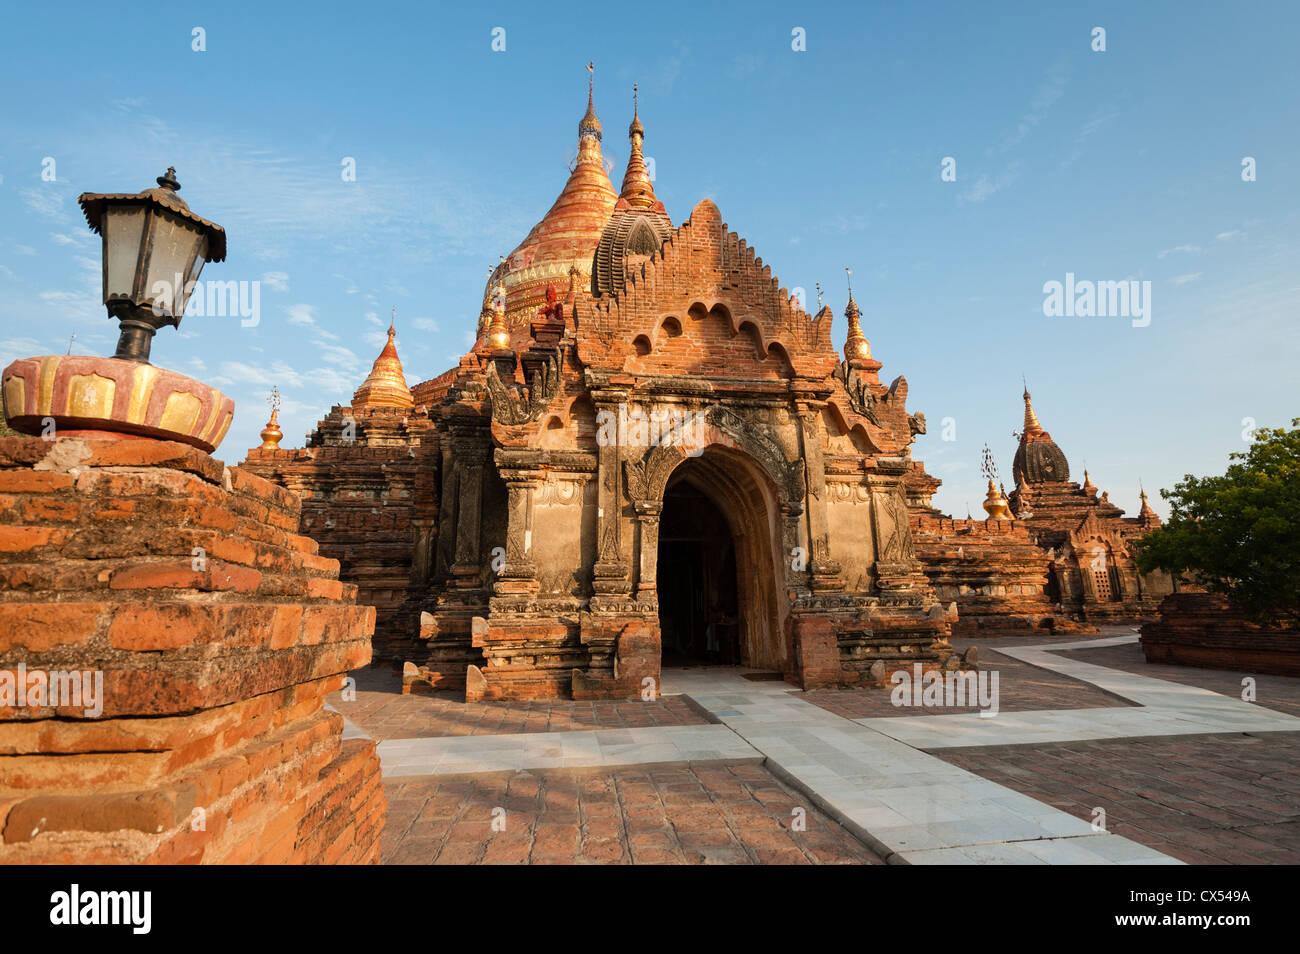 Main entrance to Dhamma-Yazika Pagoda (Dhammayazika), Bagan